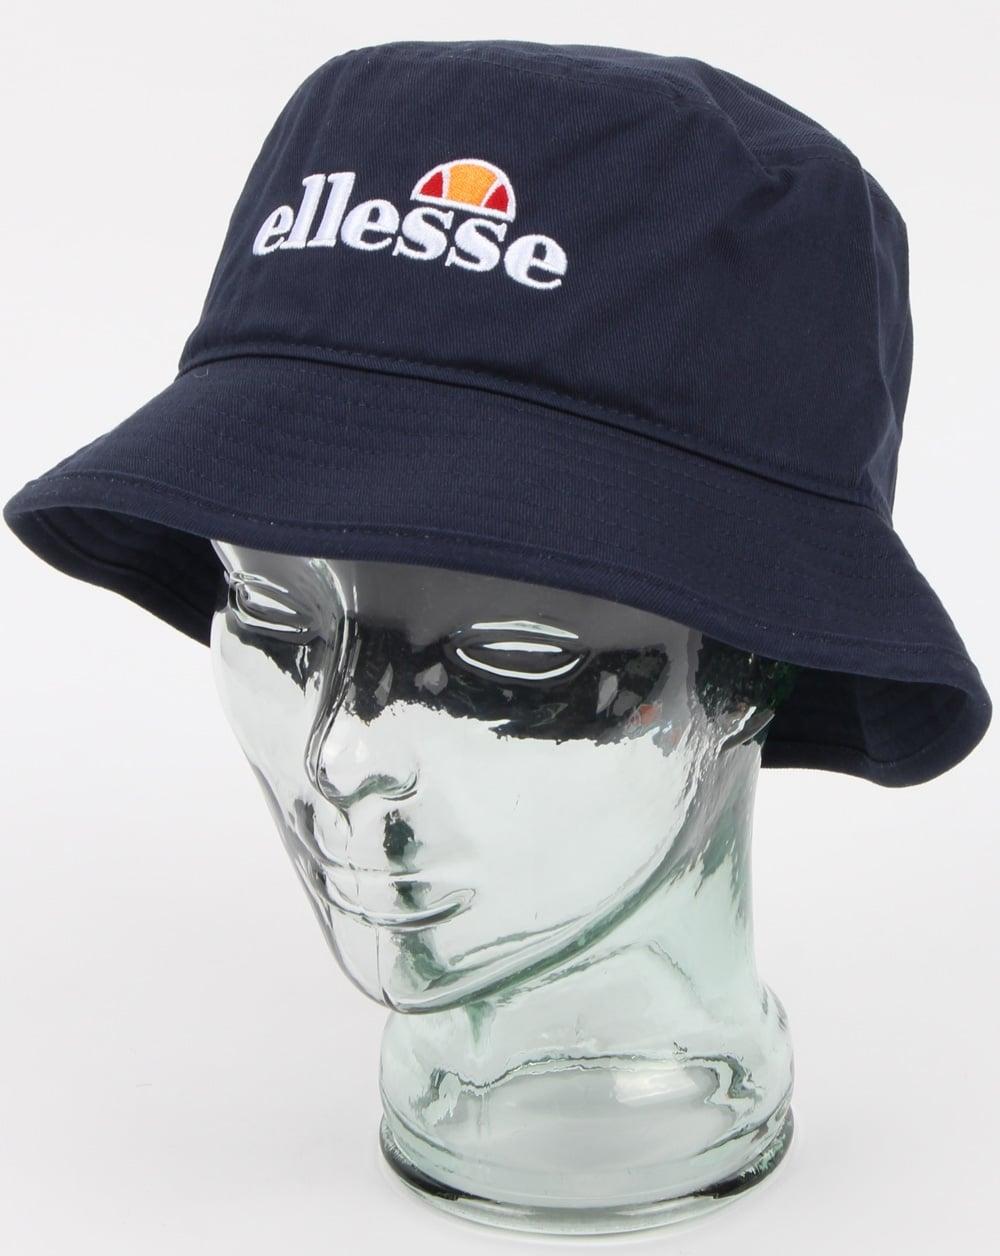 7288c022d25 Ellesse Ellesse Binno Bucket Hat Navy